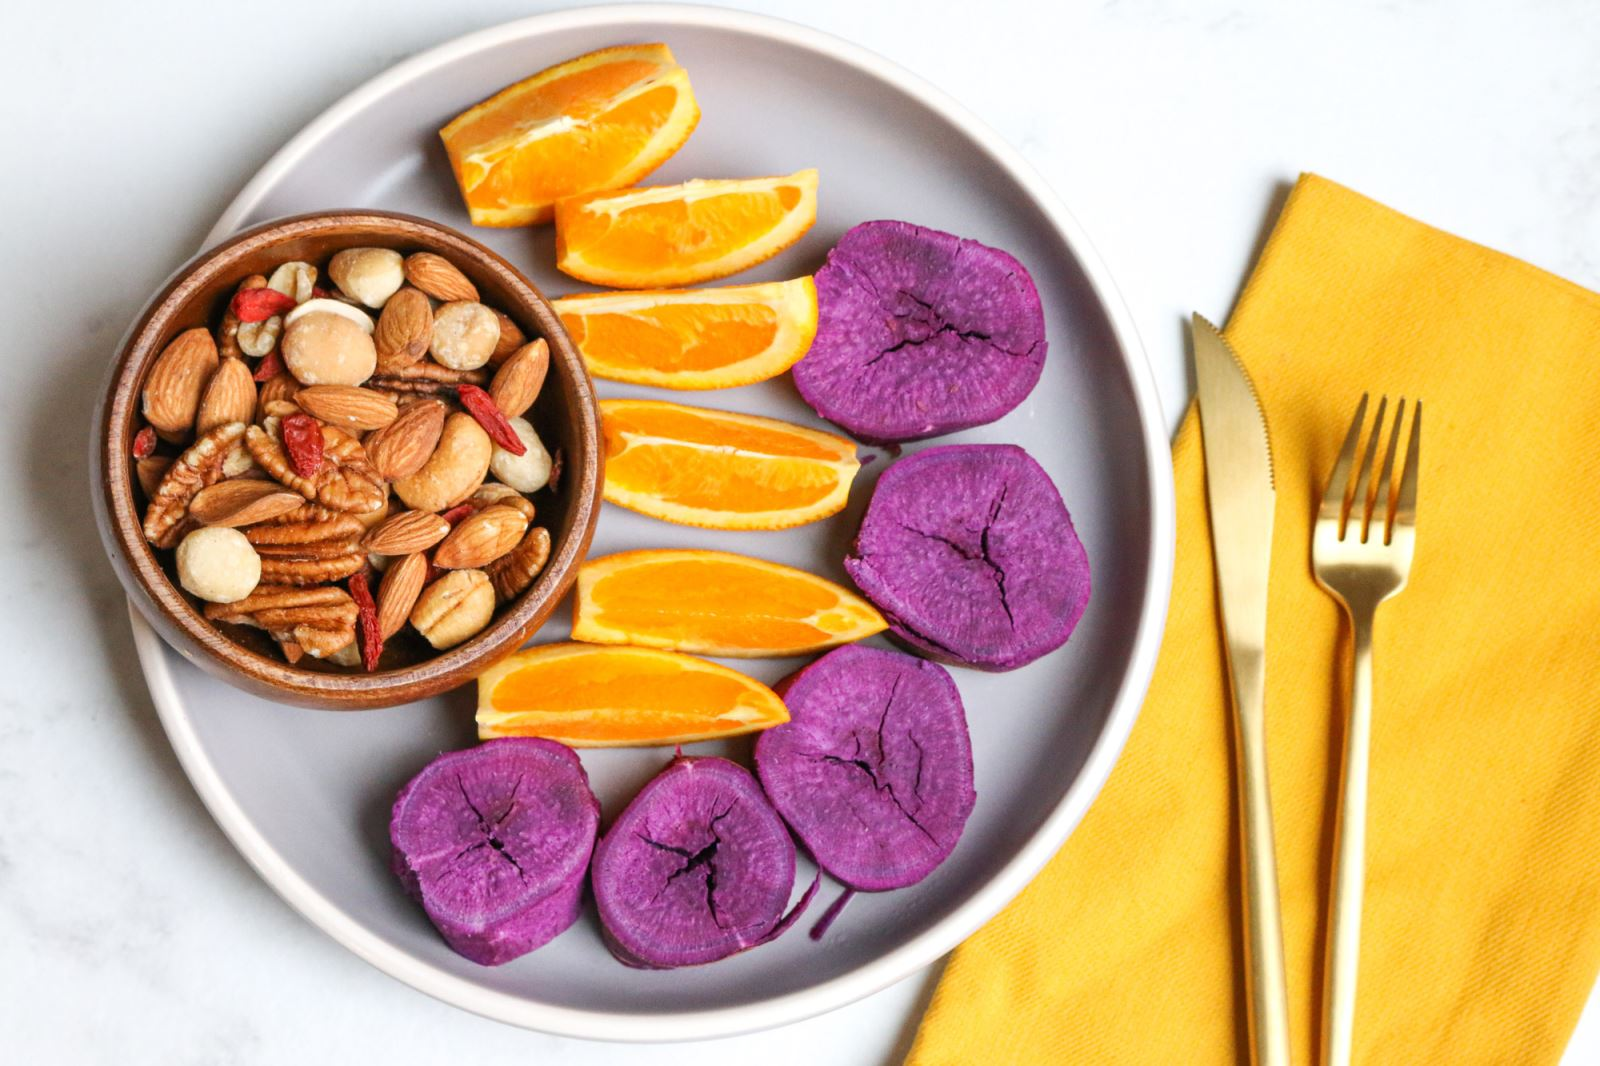 Bạn đã biết tác dụng khoai lang đối với sức khoẻ chưa?